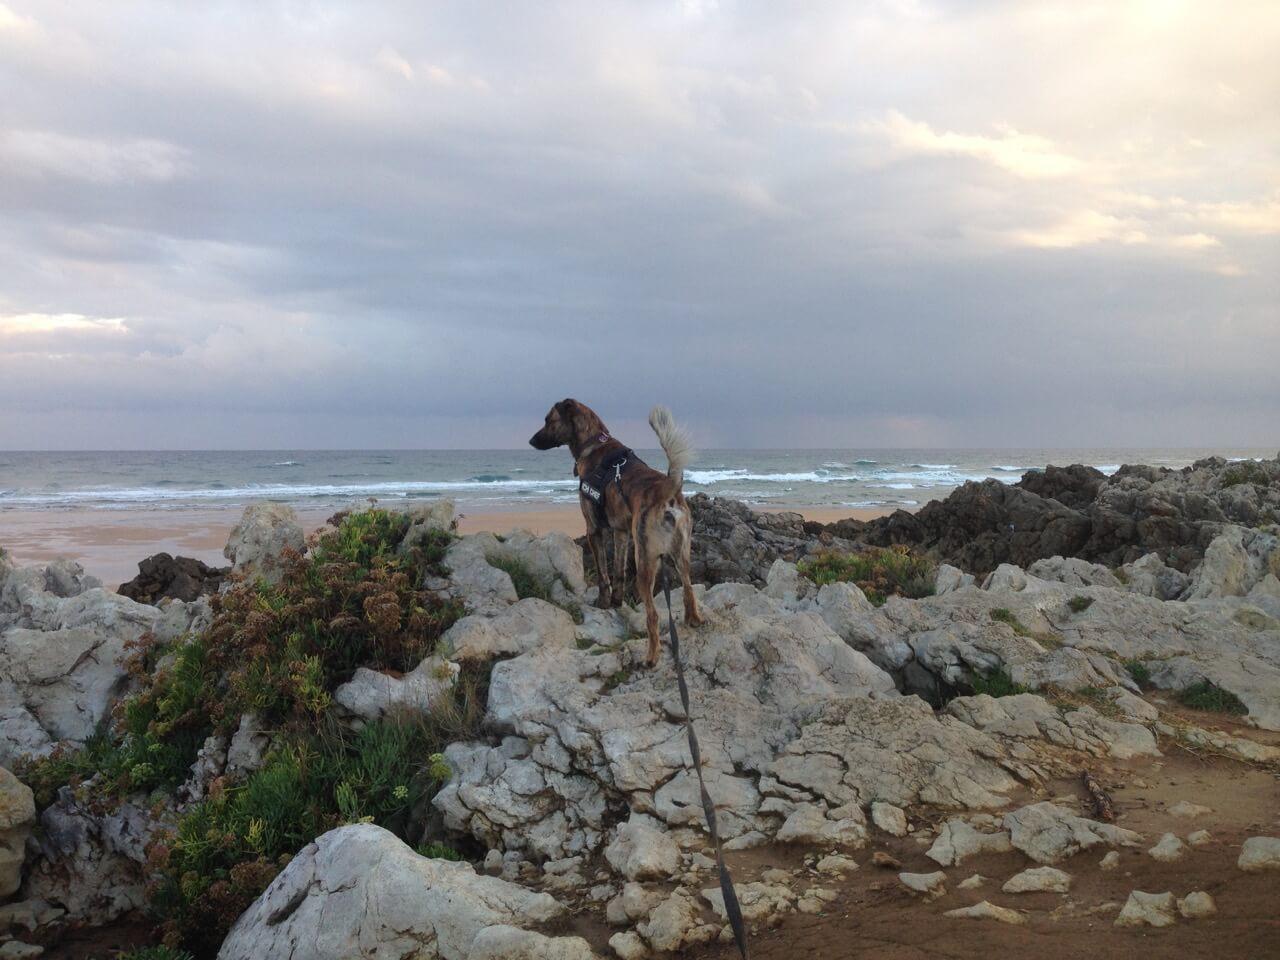 Hund mit K9 Geschirr am Strand